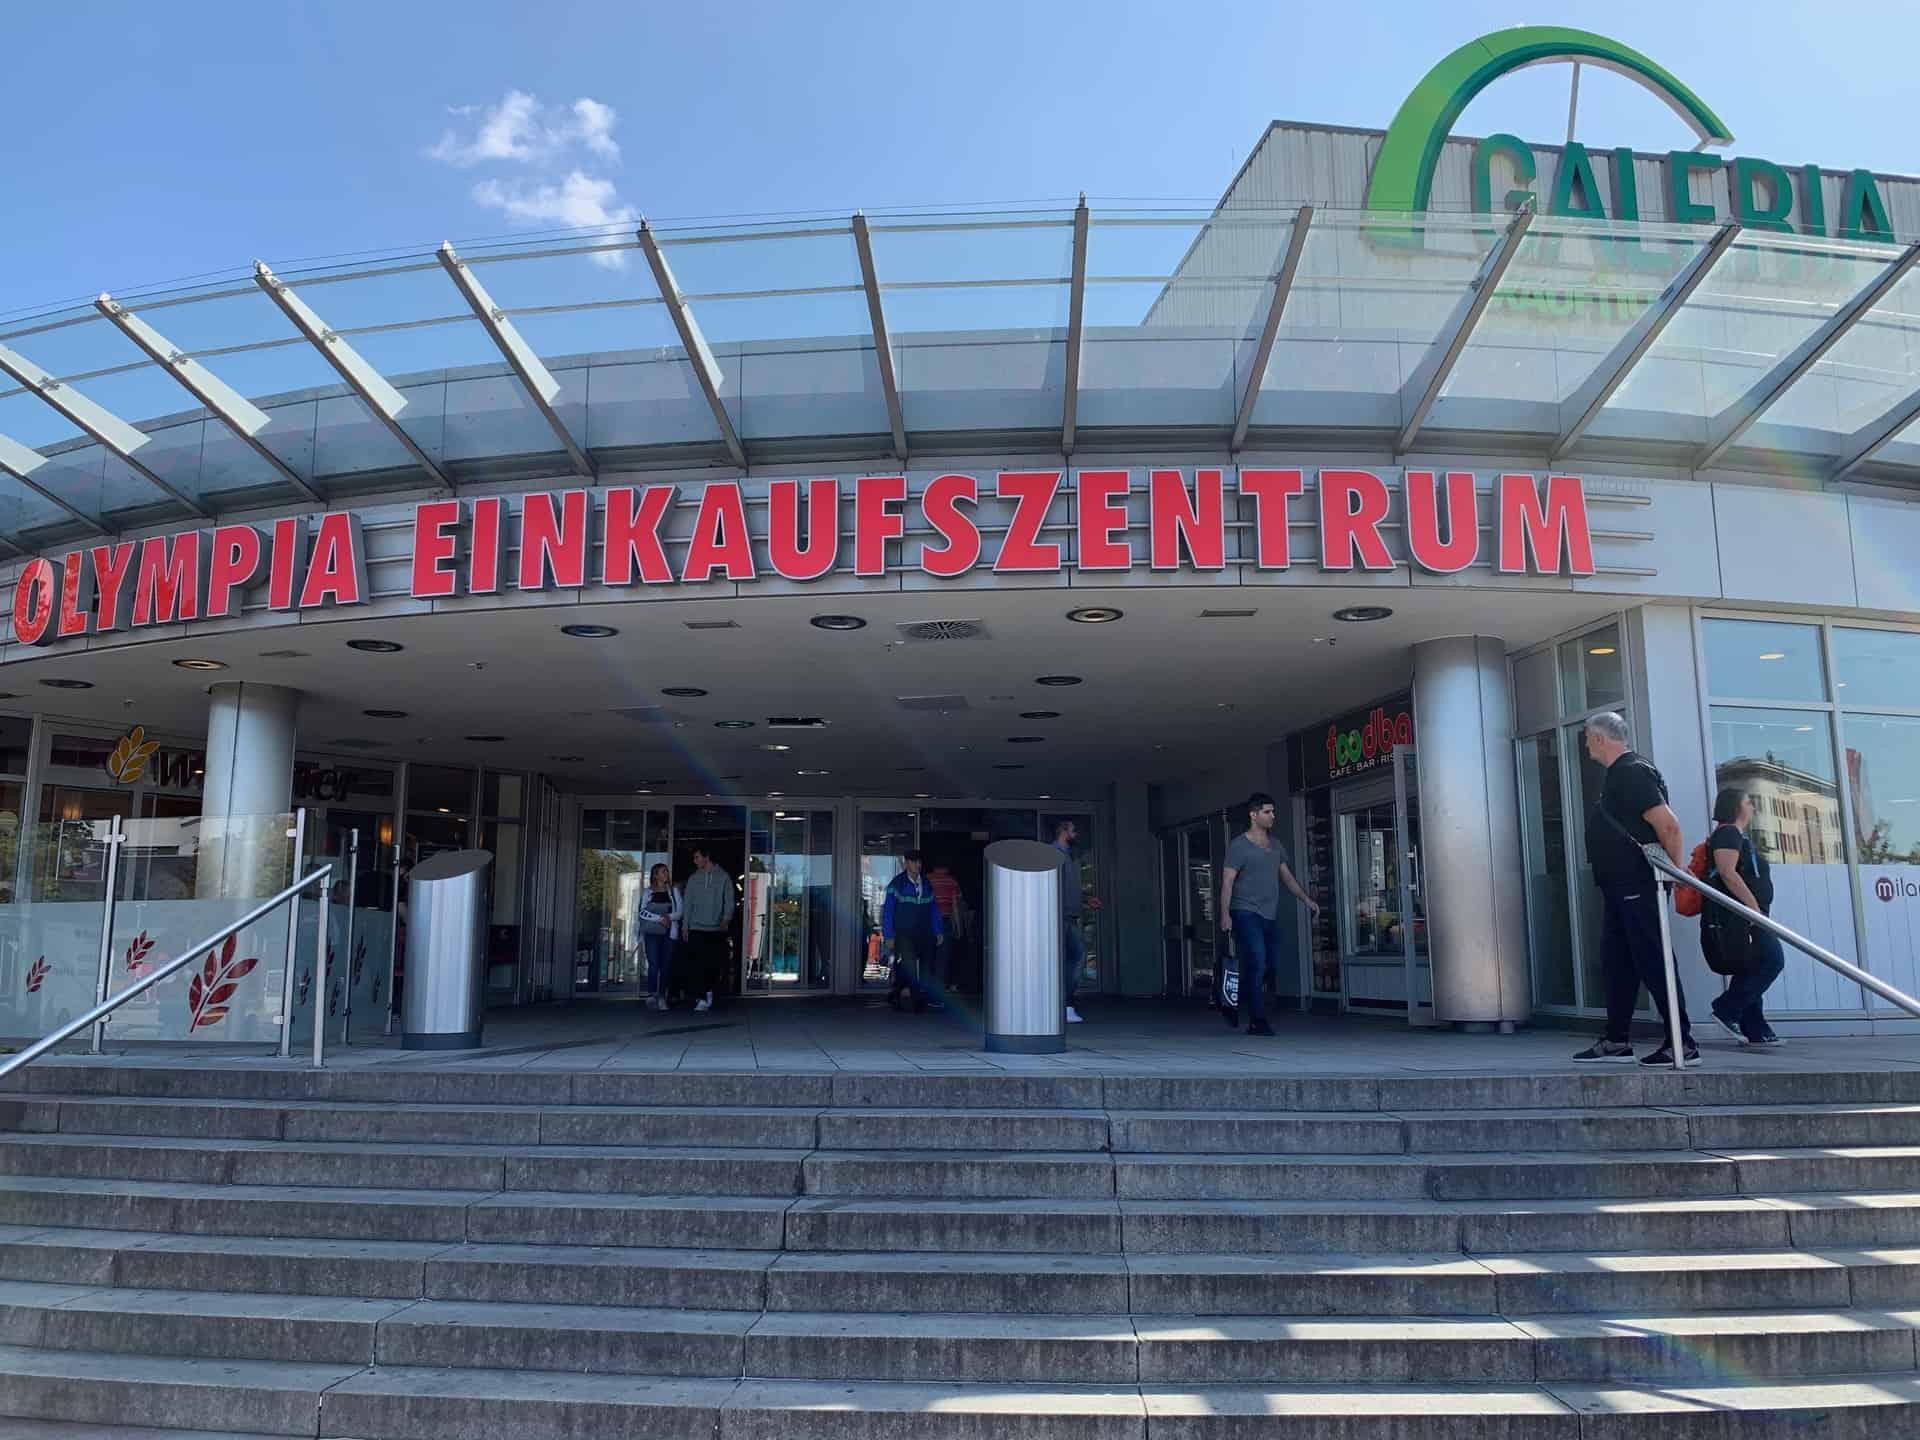 München_Shopping_Olympia_Einkaufszentrum_Der_Hautpteingang